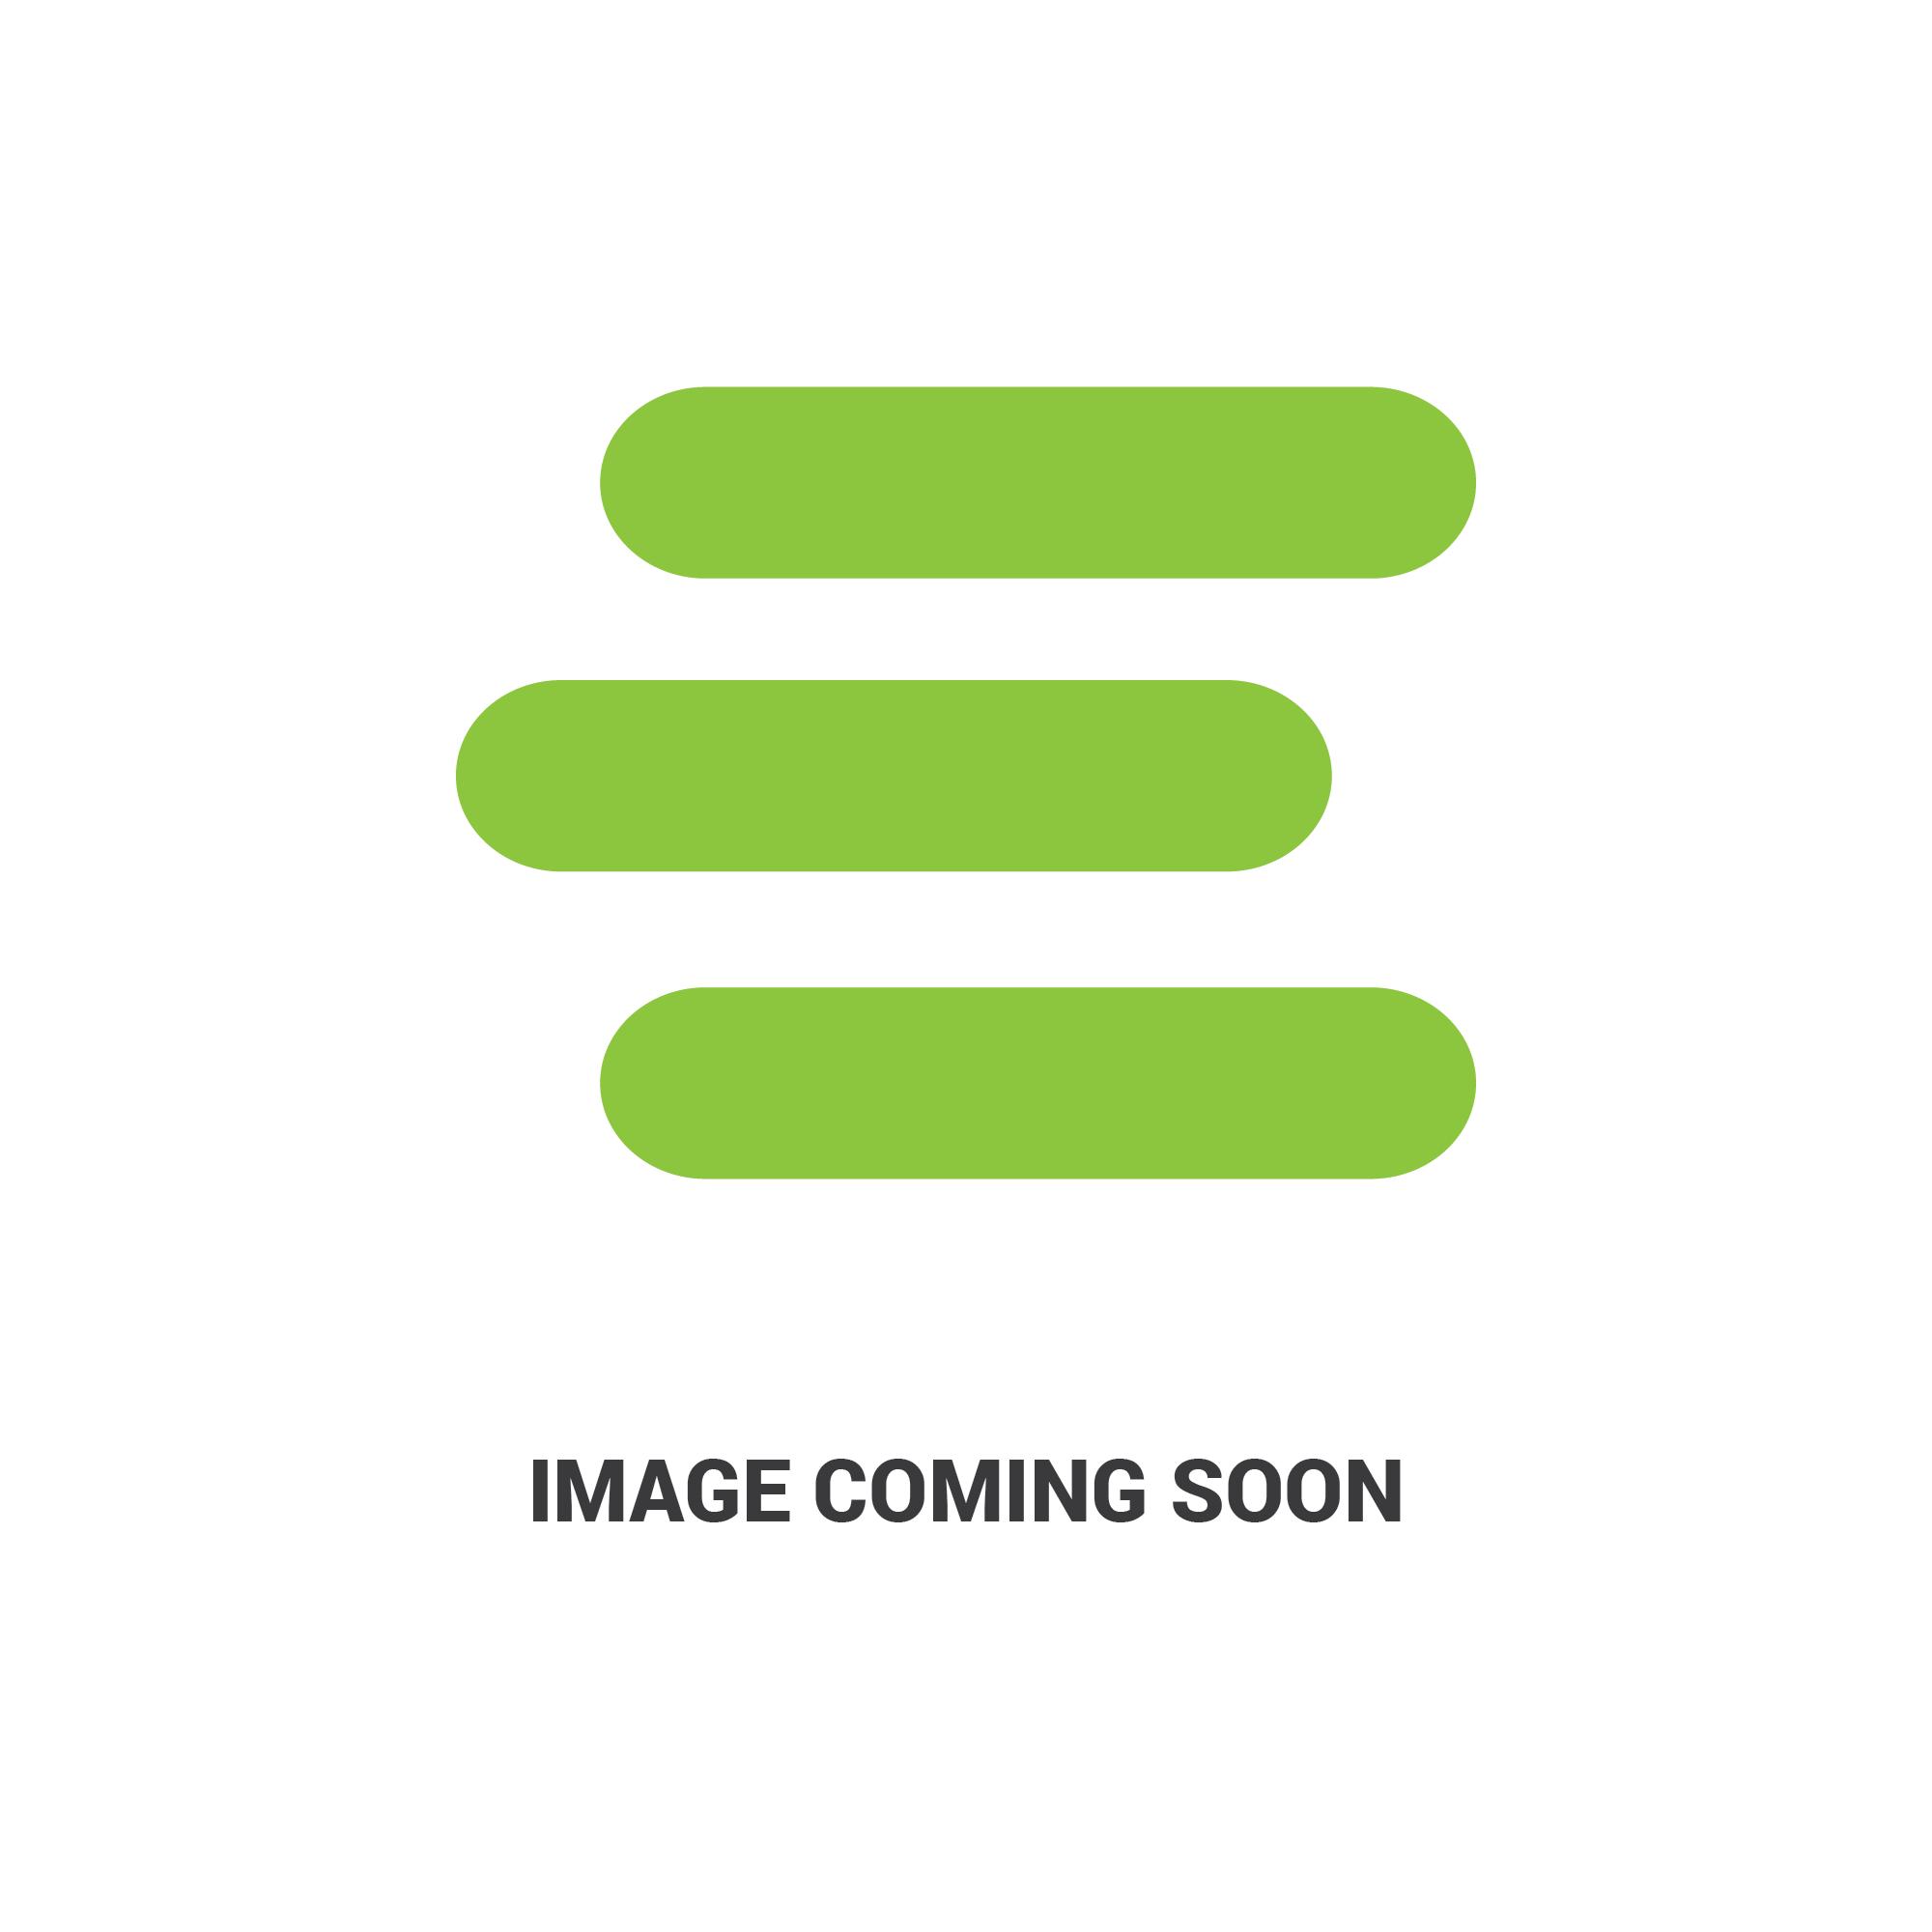 E-527745K1428_1.jpg